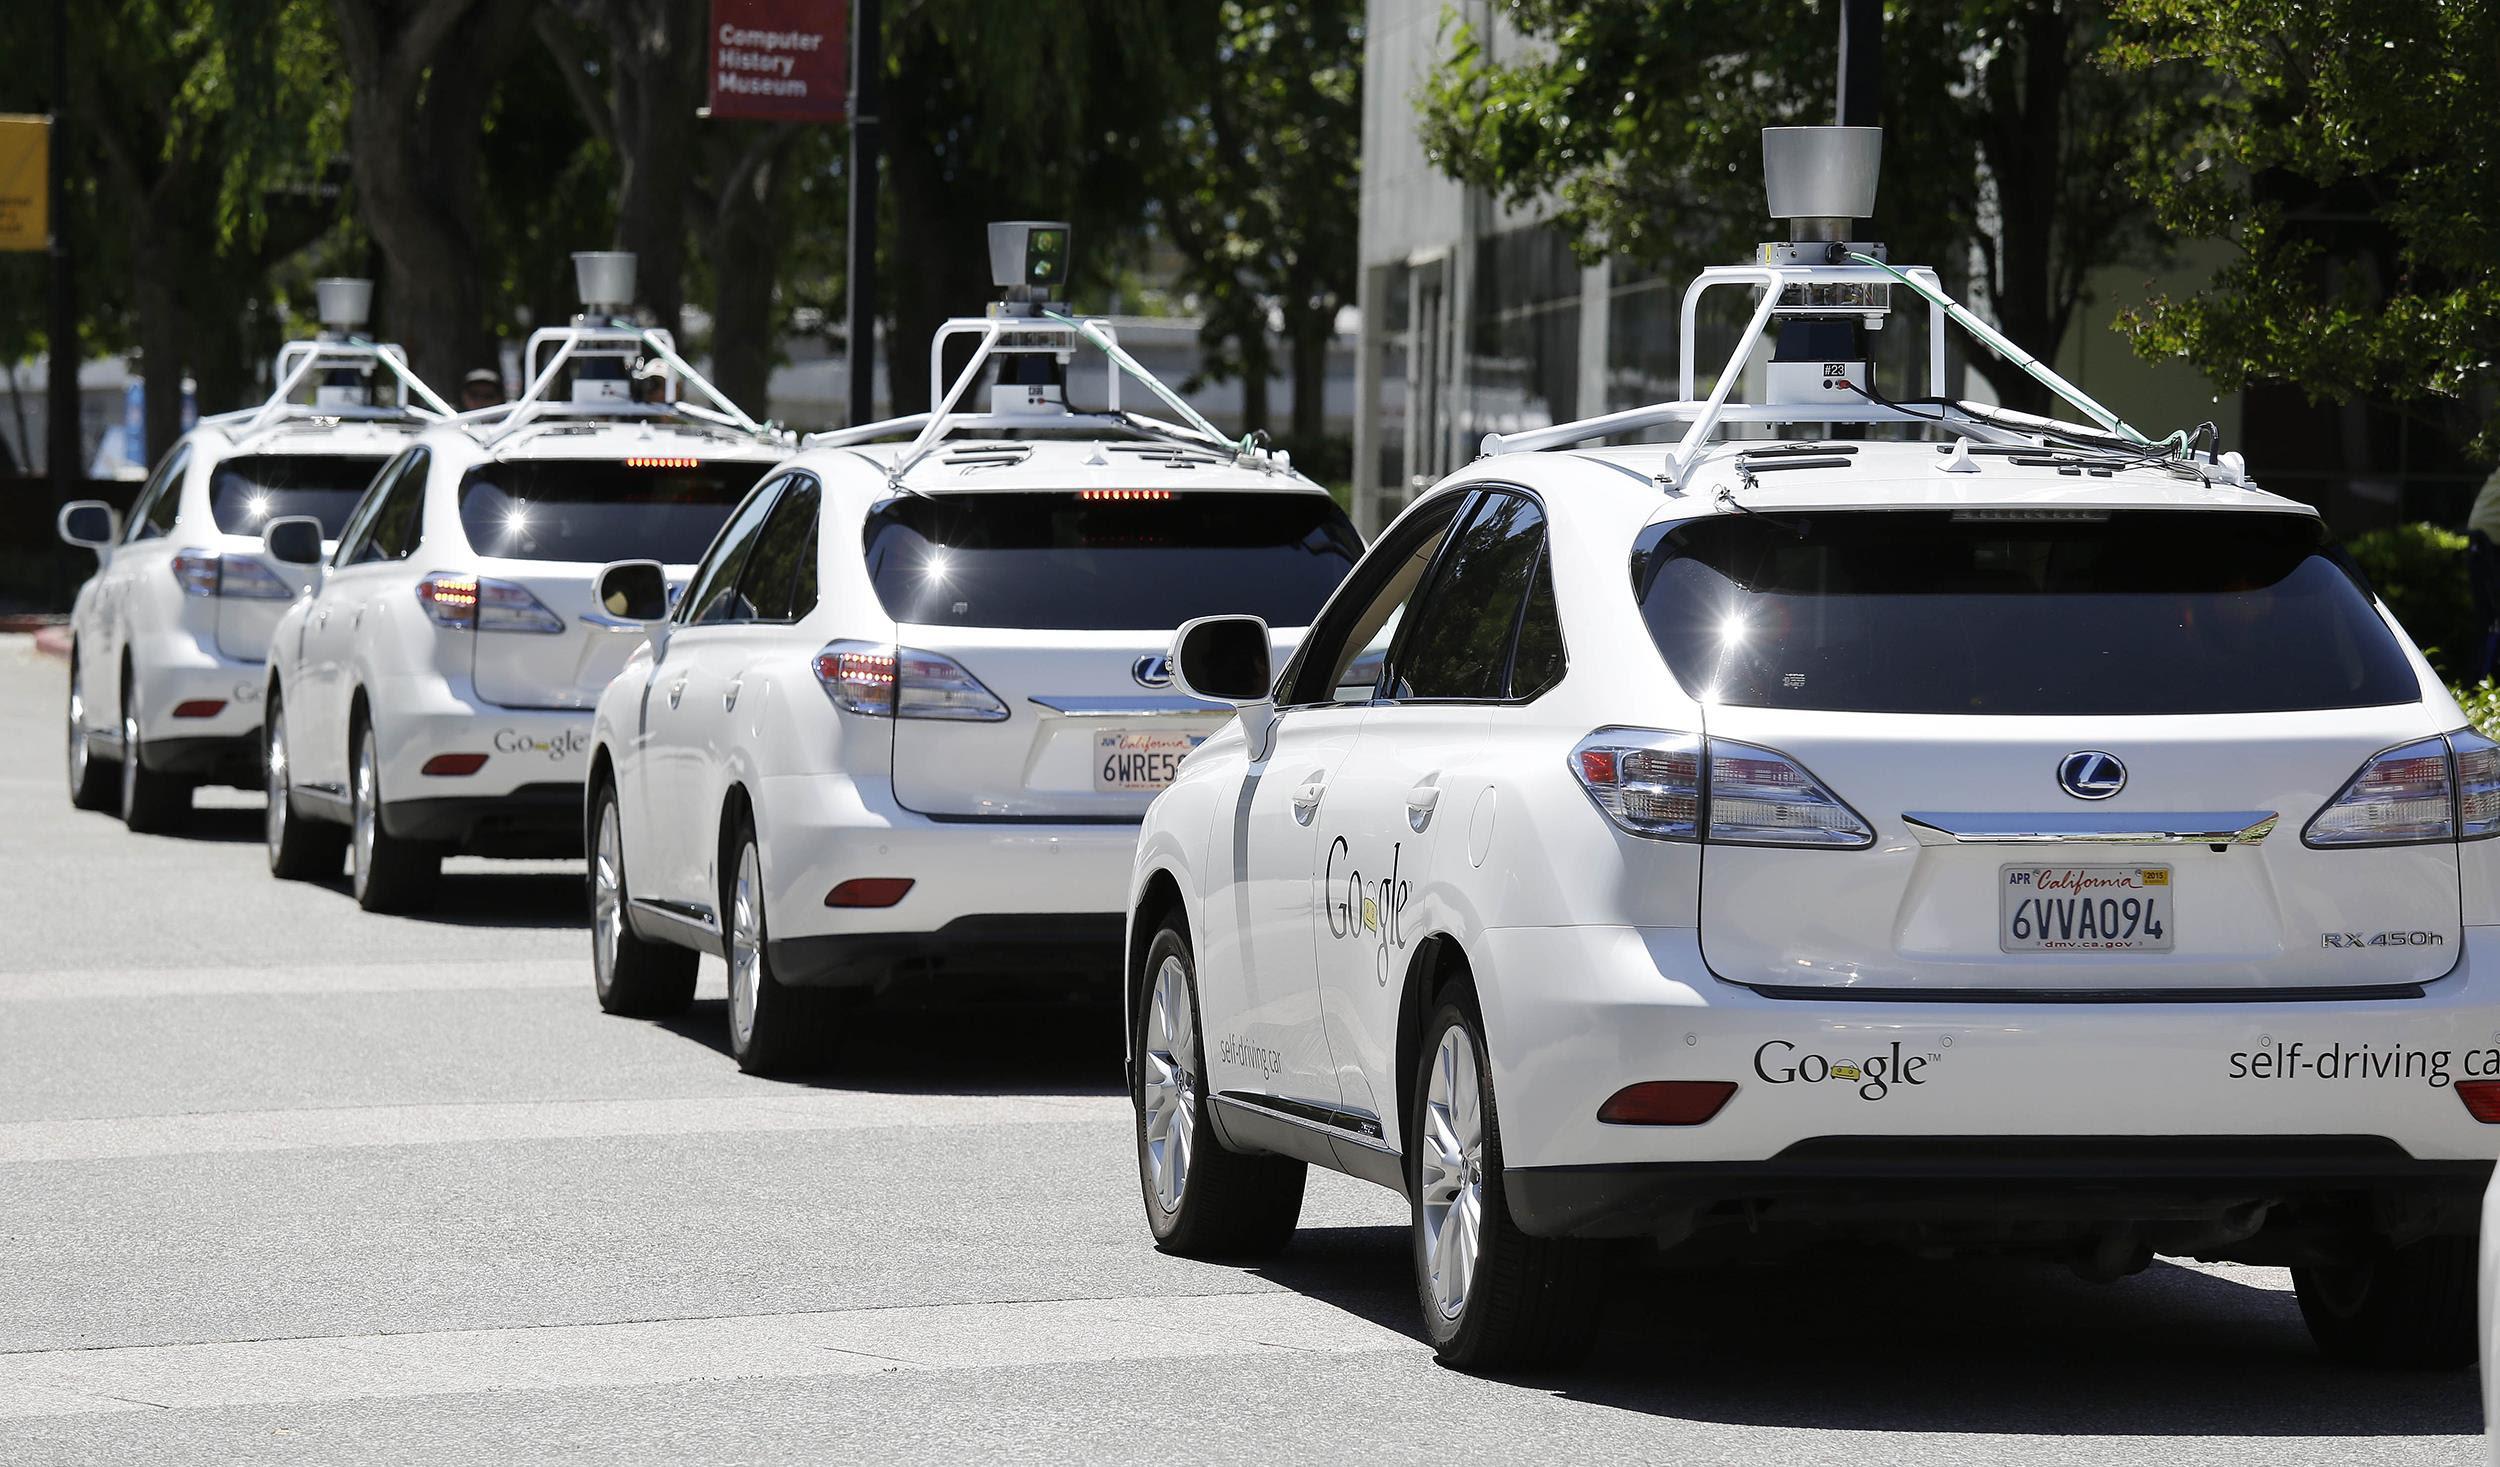 http://gazettereview.com/wp-content/uploads/2015/12/Google-Self-Driving-Cars.jpg